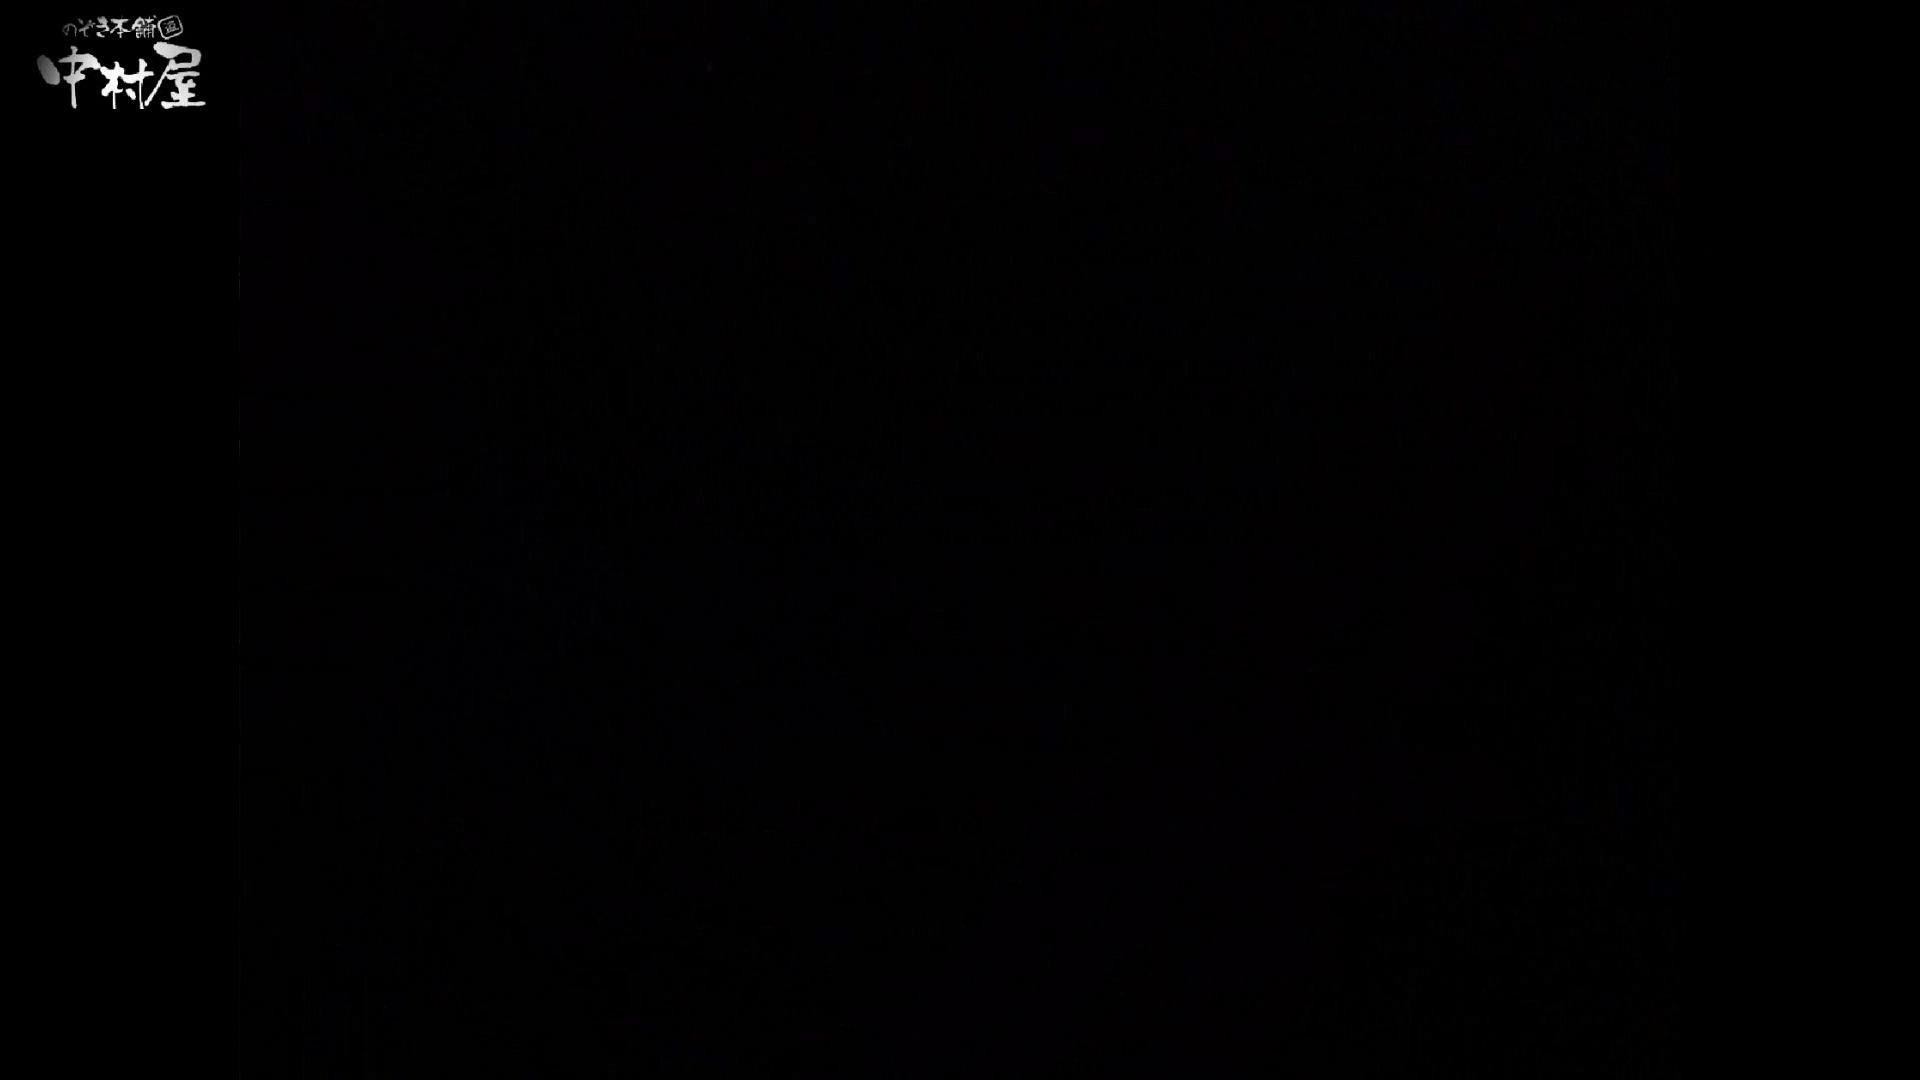 民家風呂専門盗撮師の超危険映像 vol.018 民家   HなOL  70pic 69